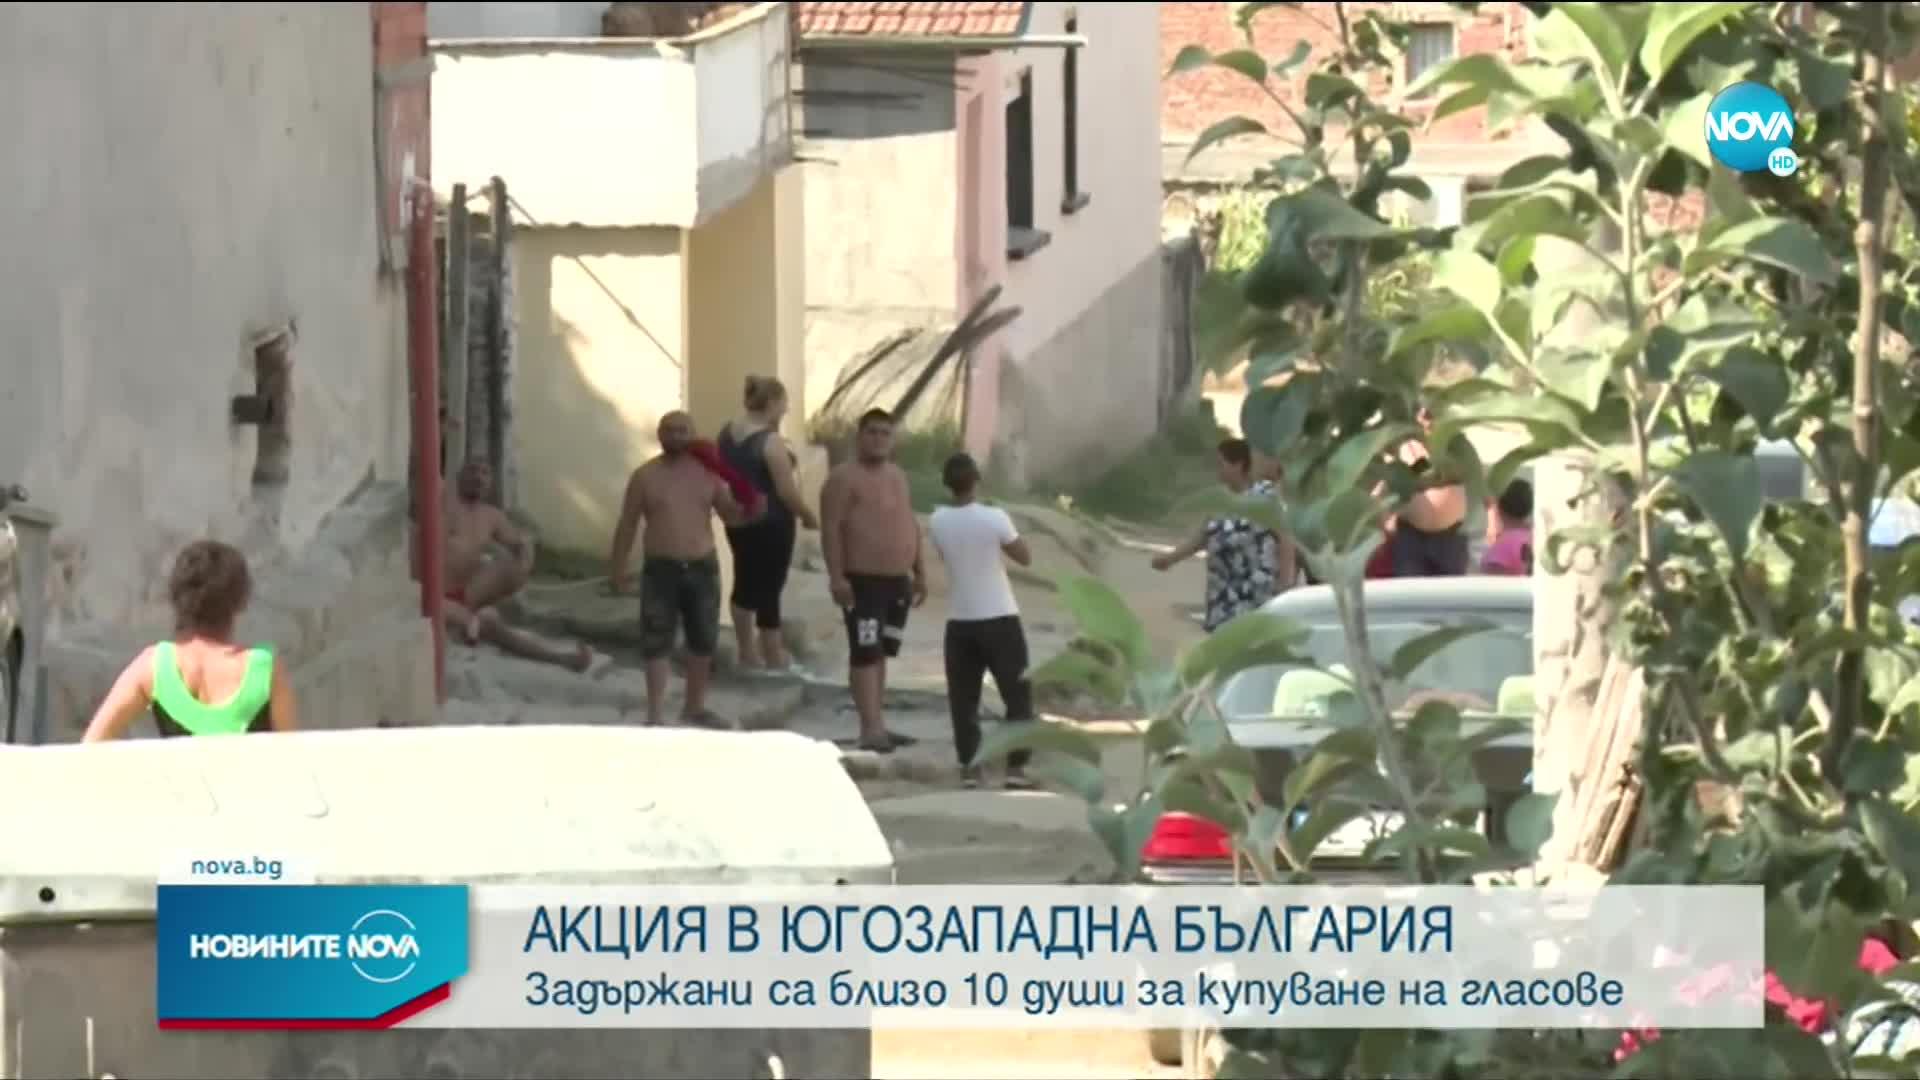 Акция срещу купуването на гласове и в района на Сандански